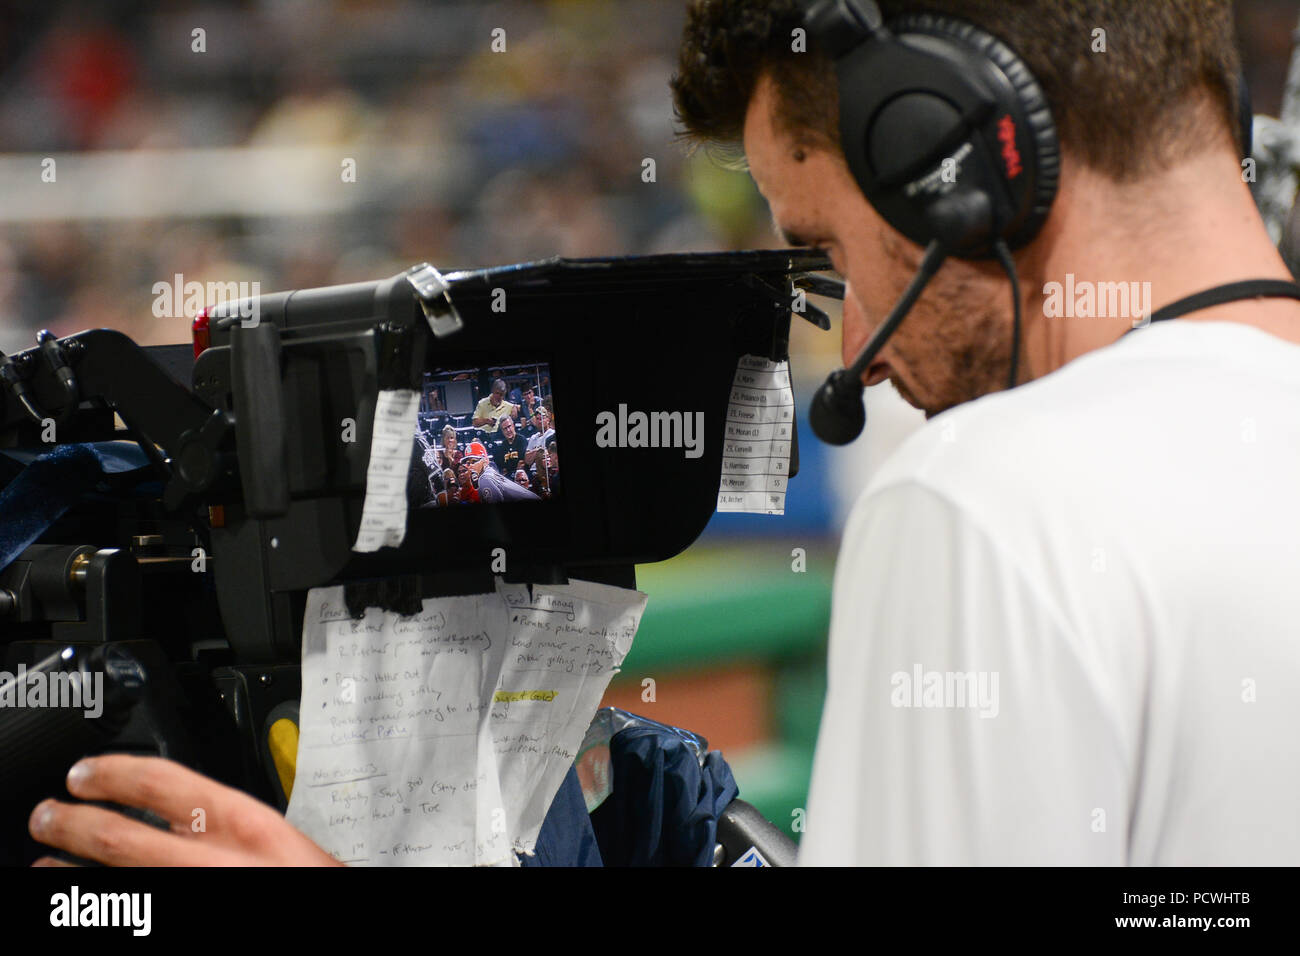 Un cameraman TV guarda attraverso il mirino a Pittsburgh Pirates baseball gioco di Pittsburgh, in Pennsylvania, STATI UNITI D'AMERICA Immagini Stock